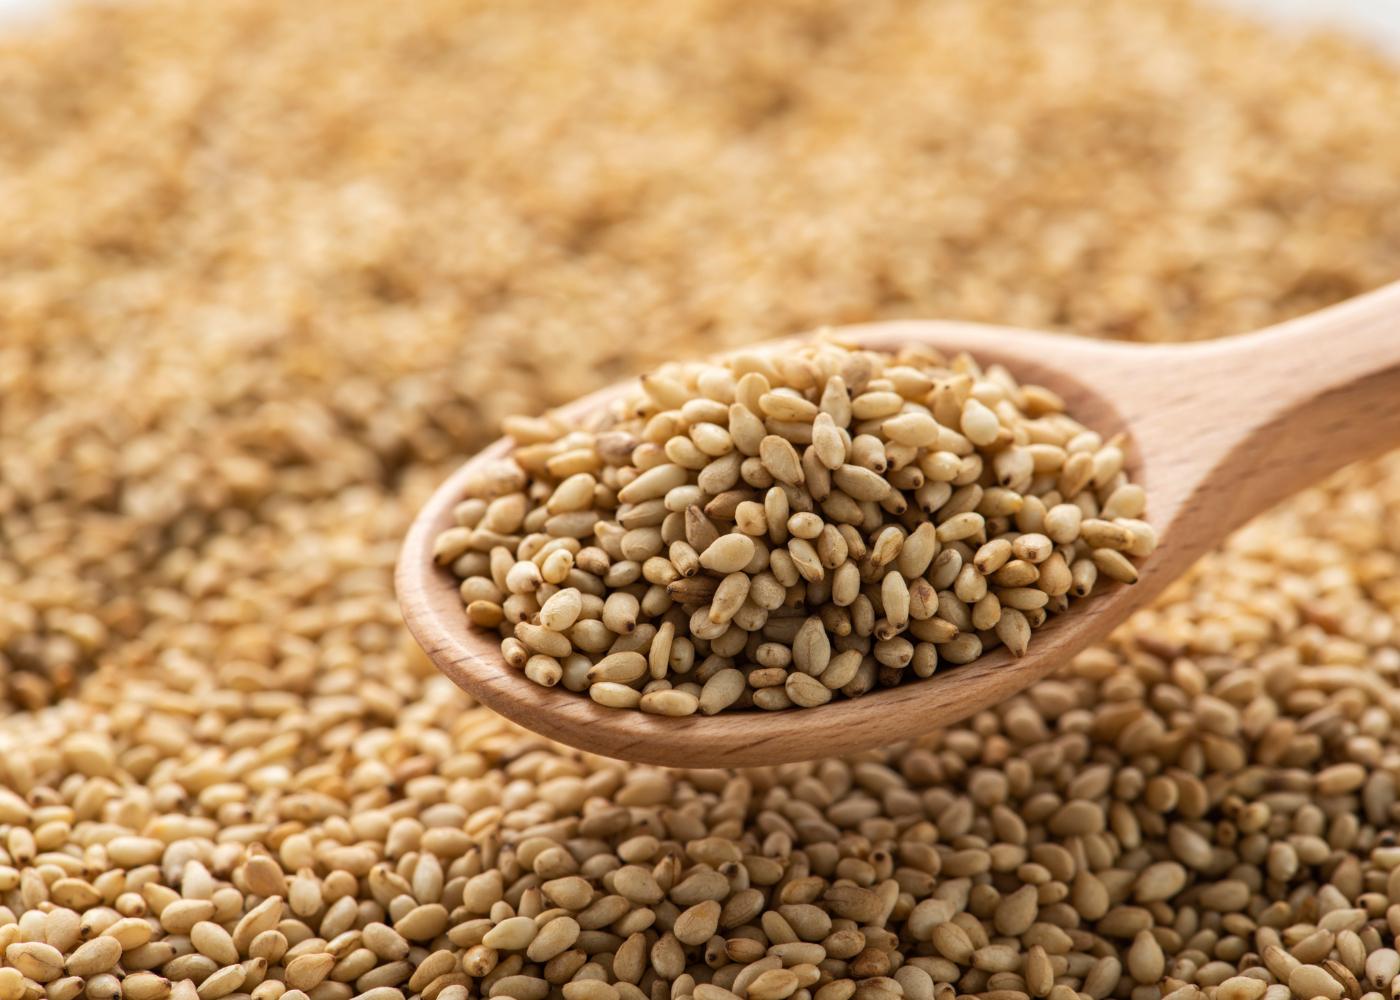 sementes de sesamo numa colher